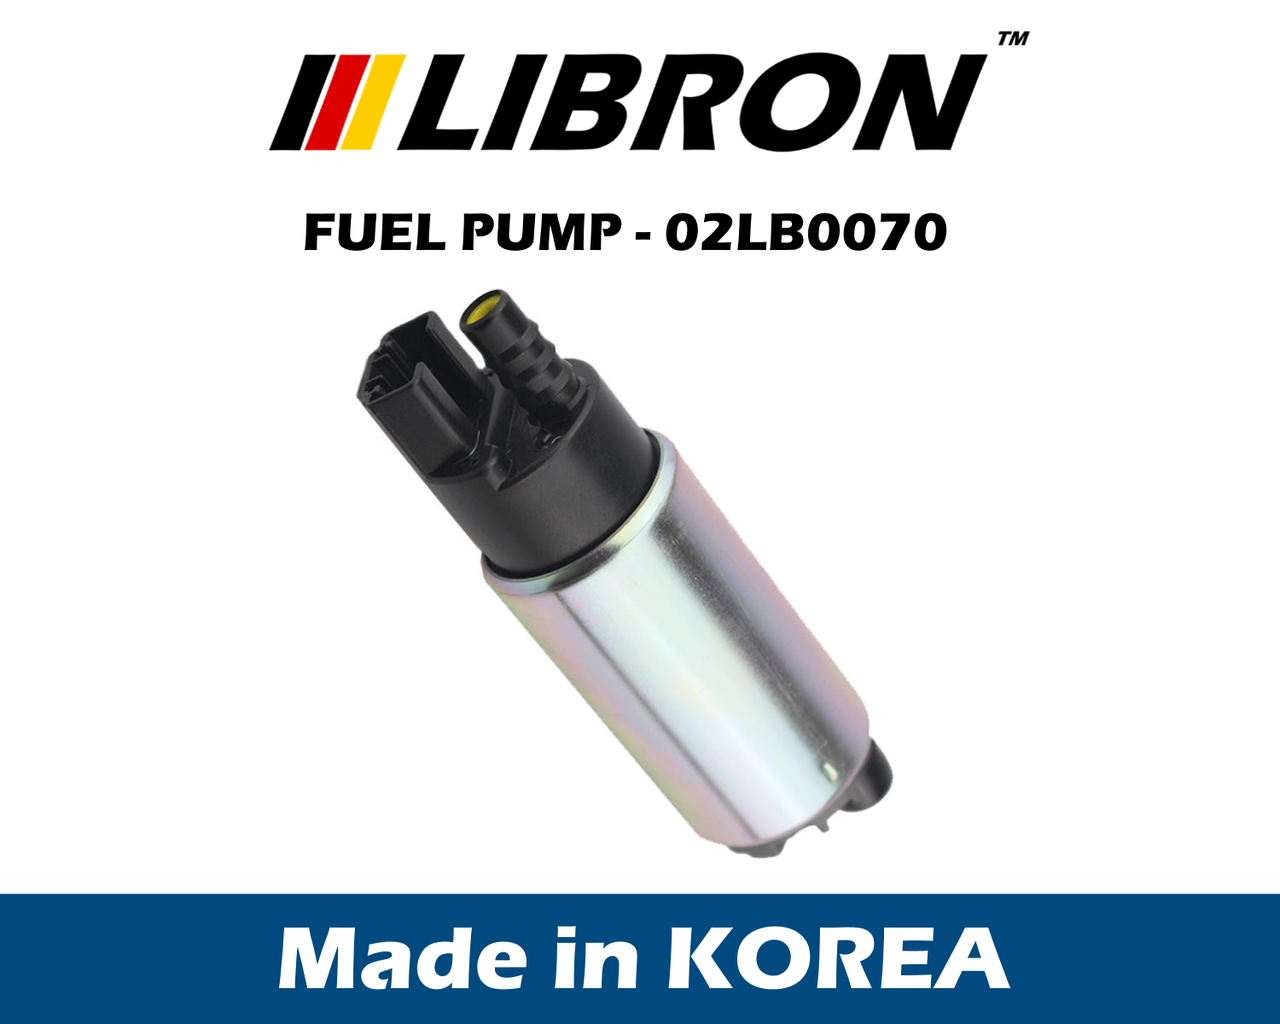 Топливный насос LIBRON 02LB0070 - SUZUKI X-90 (1995-1997)